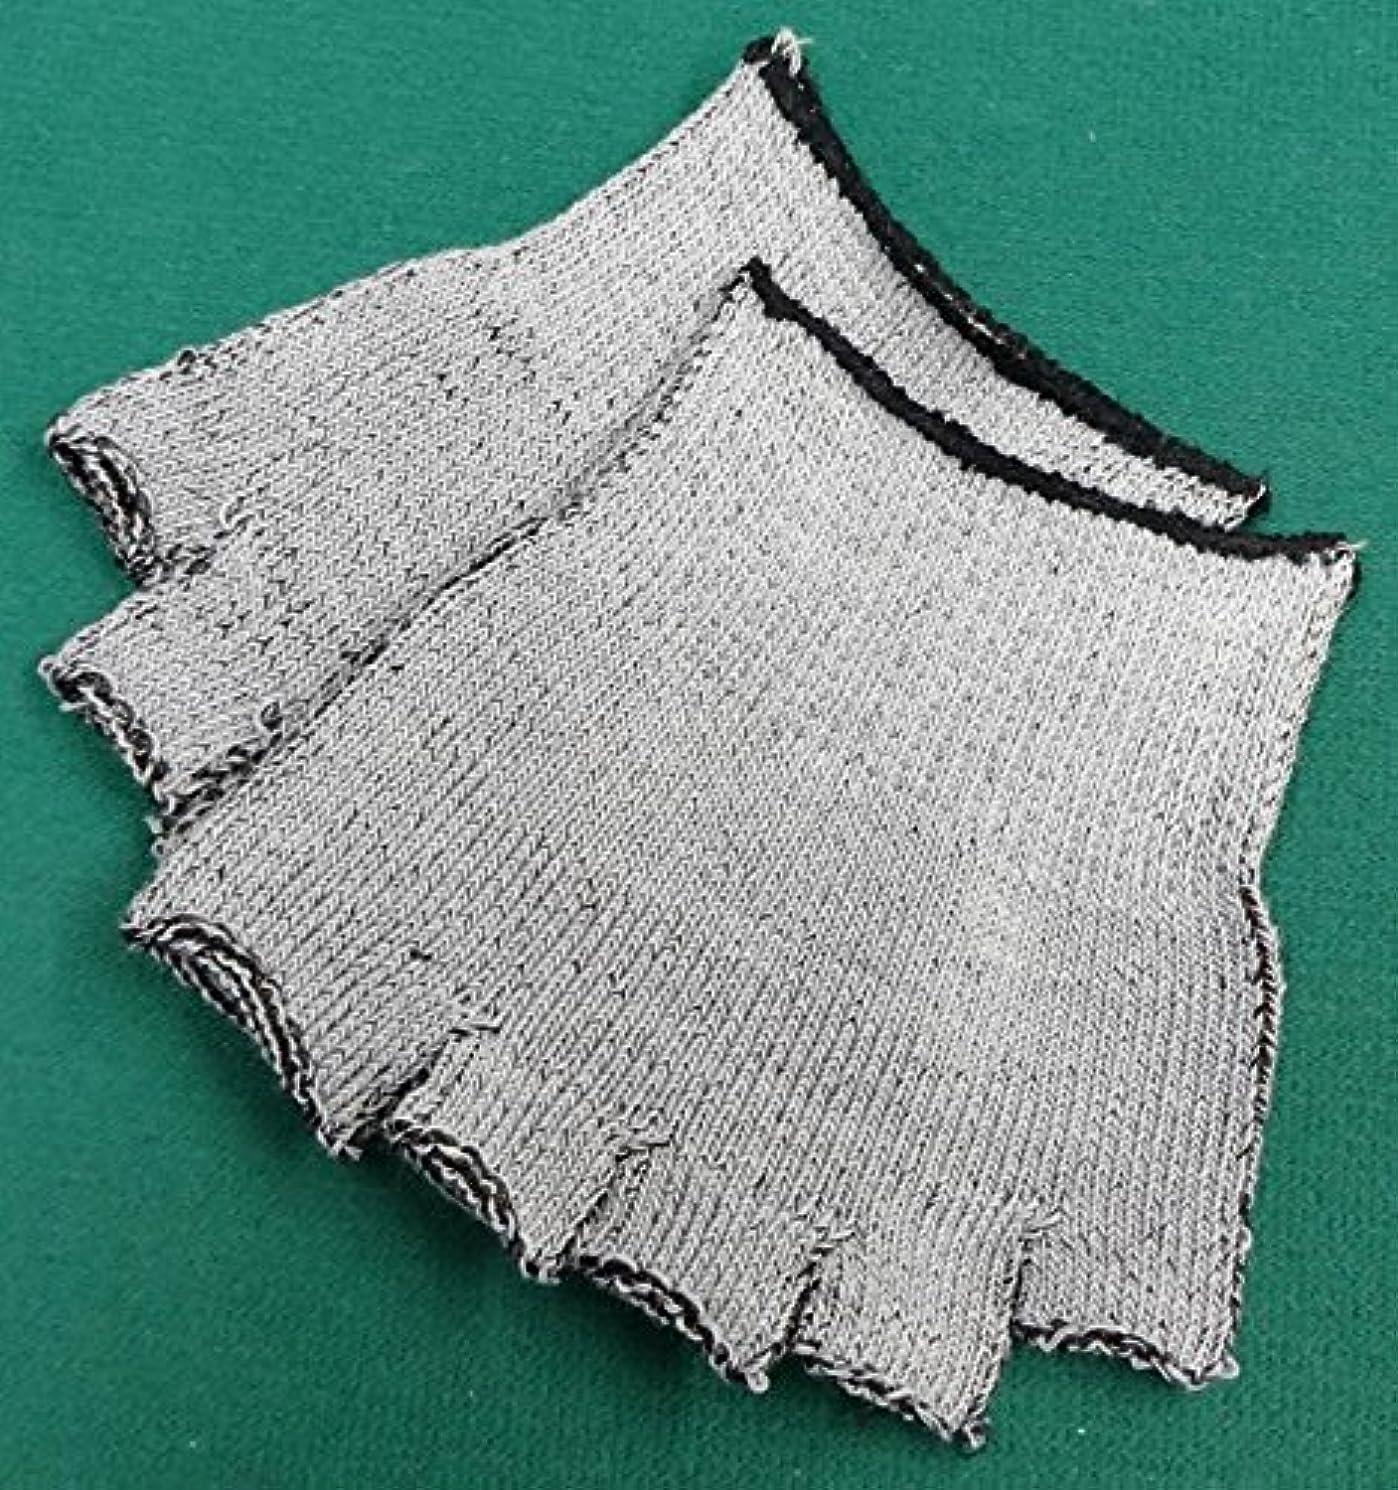 偶然ドアミラー百万銅繊維入りハーフソックス (6枚(3足セット))